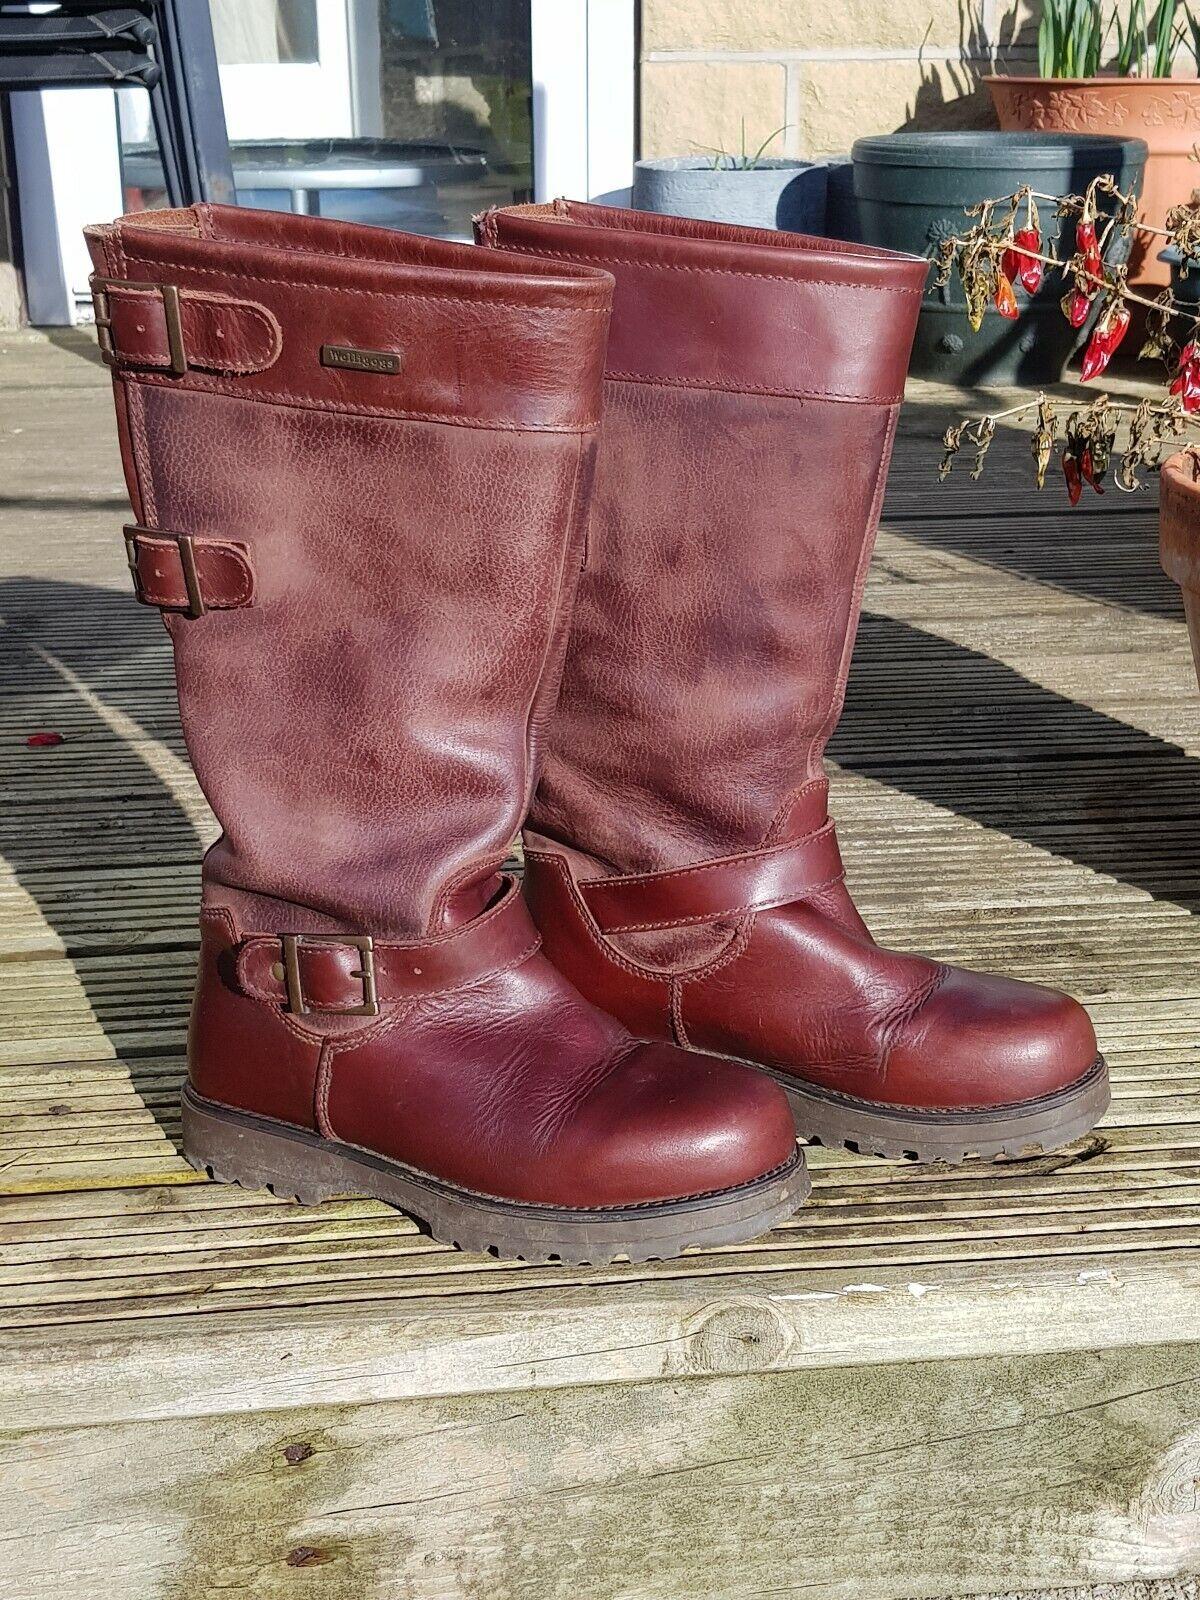 botas Impermeables De  País marrón Ranger WELLIGOGS tamaño de Reino Unido 4 EUR Talla 37  tomamos a los clientes como nuestro dios